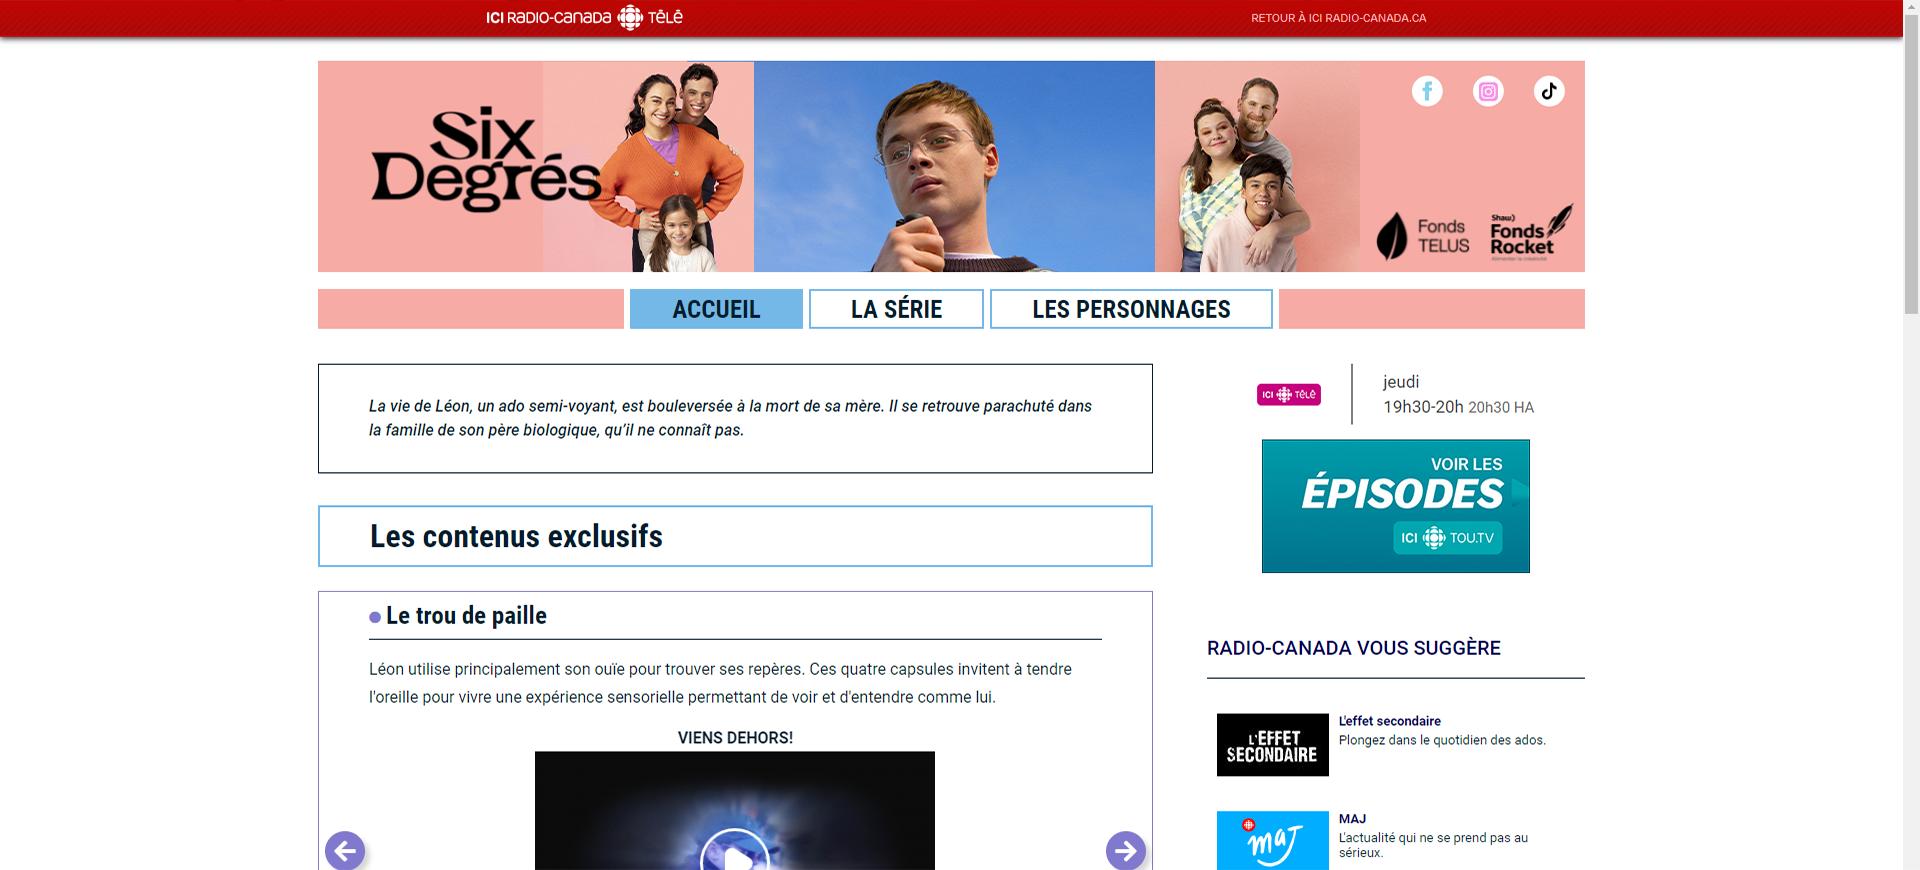 Six degrés site web 1